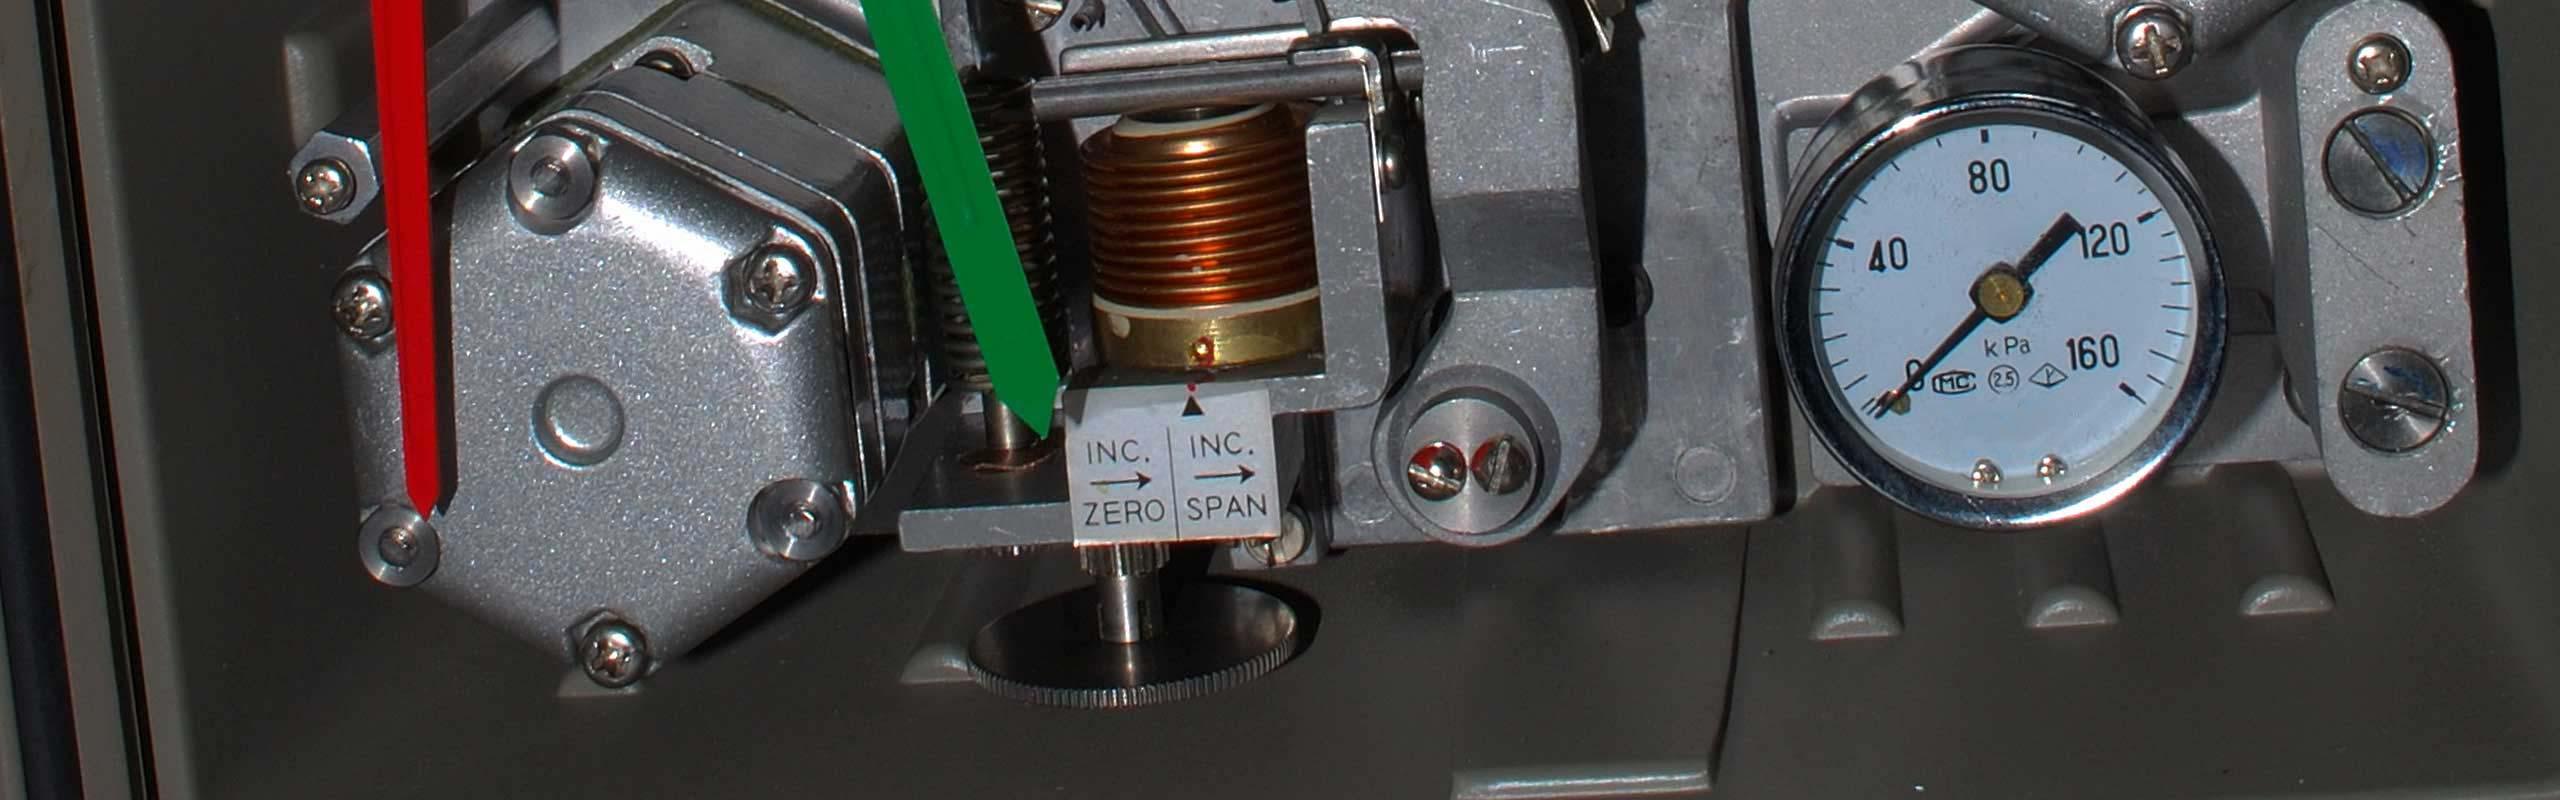 分类: KF 气动基地式调节仪